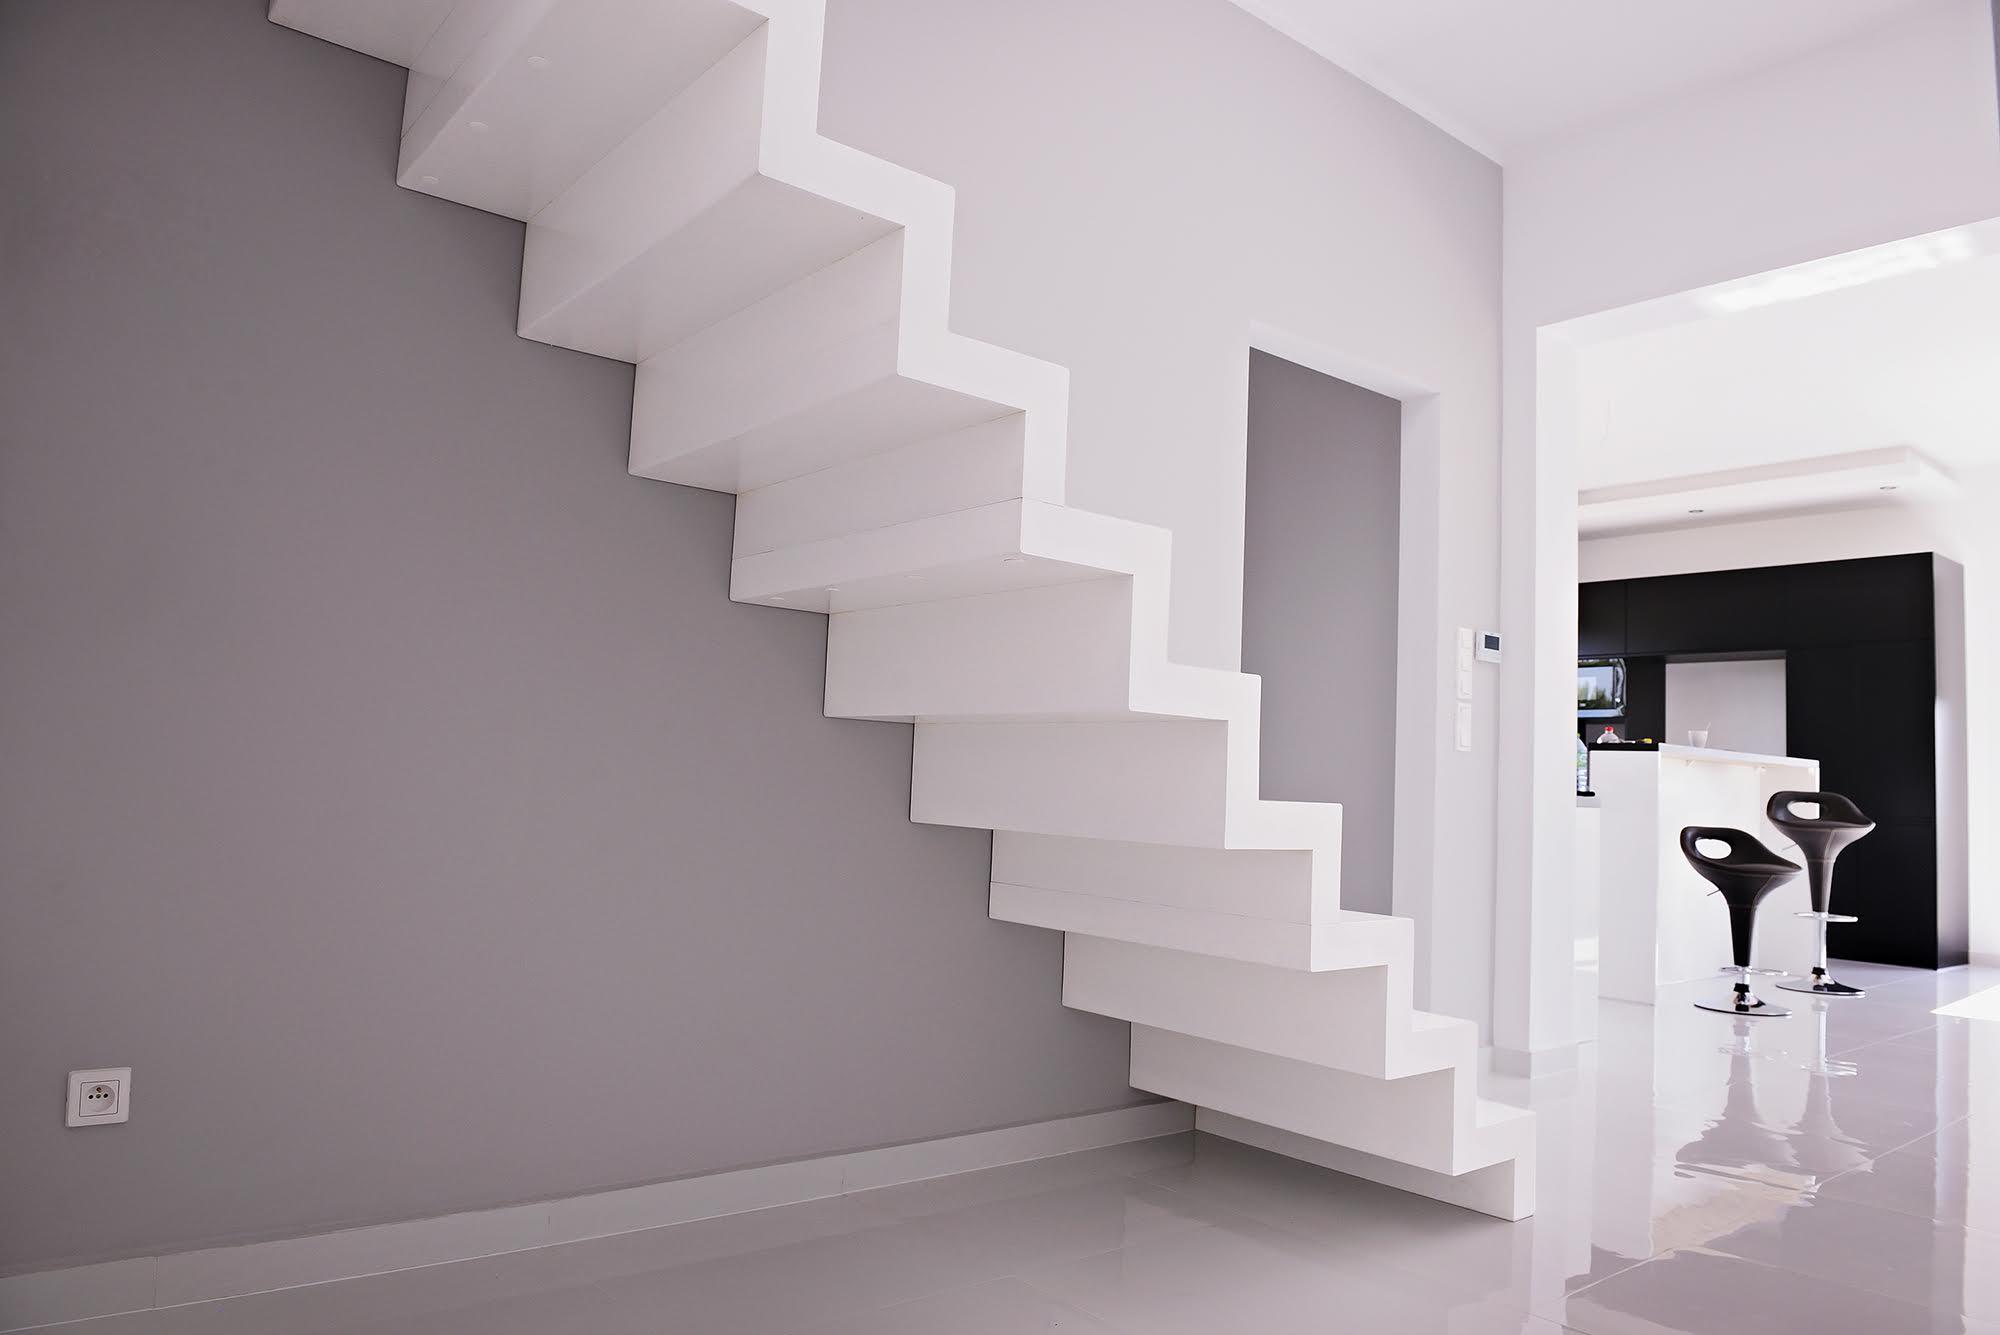 schody amerykańskie - tralki białe